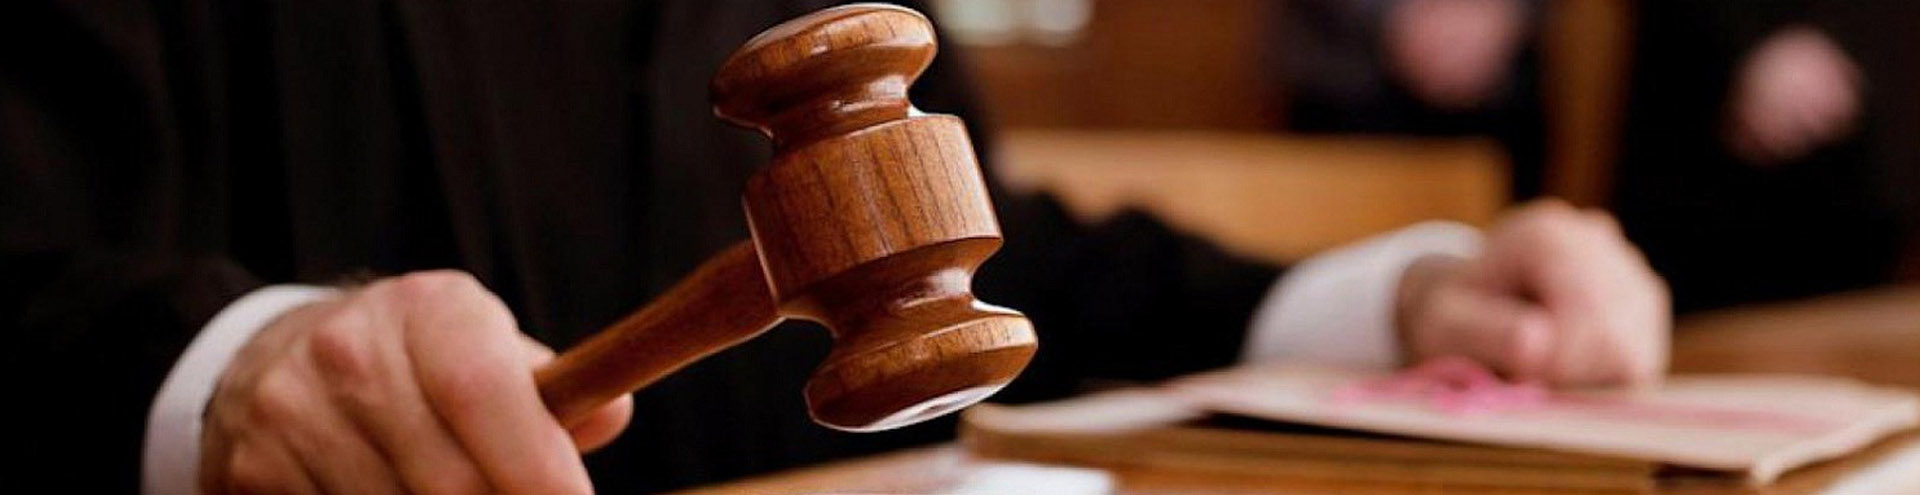 арбитражные споры в Оренбурге